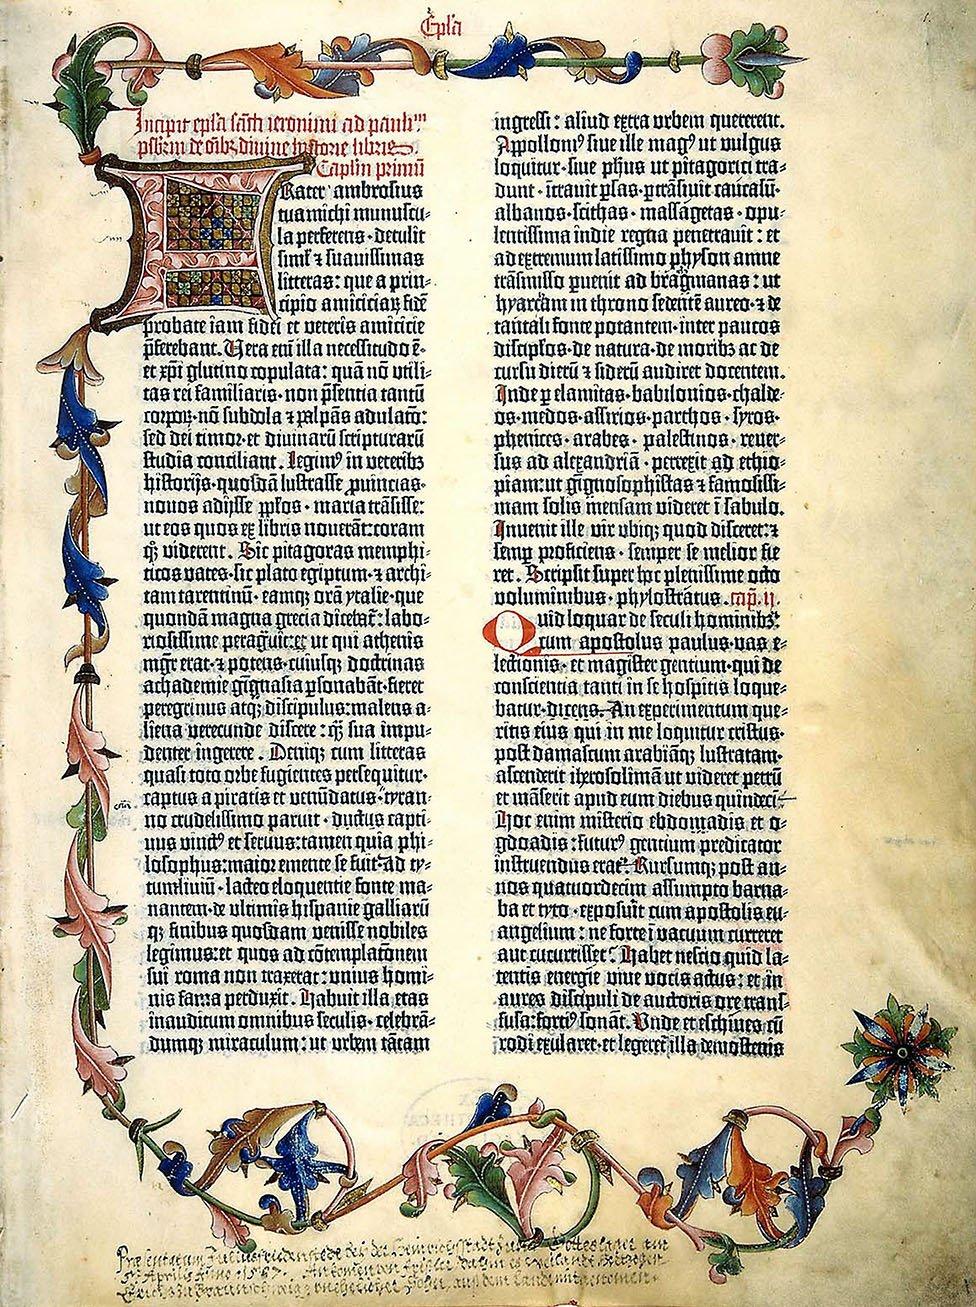 Página de la Biblia de Gutenberg